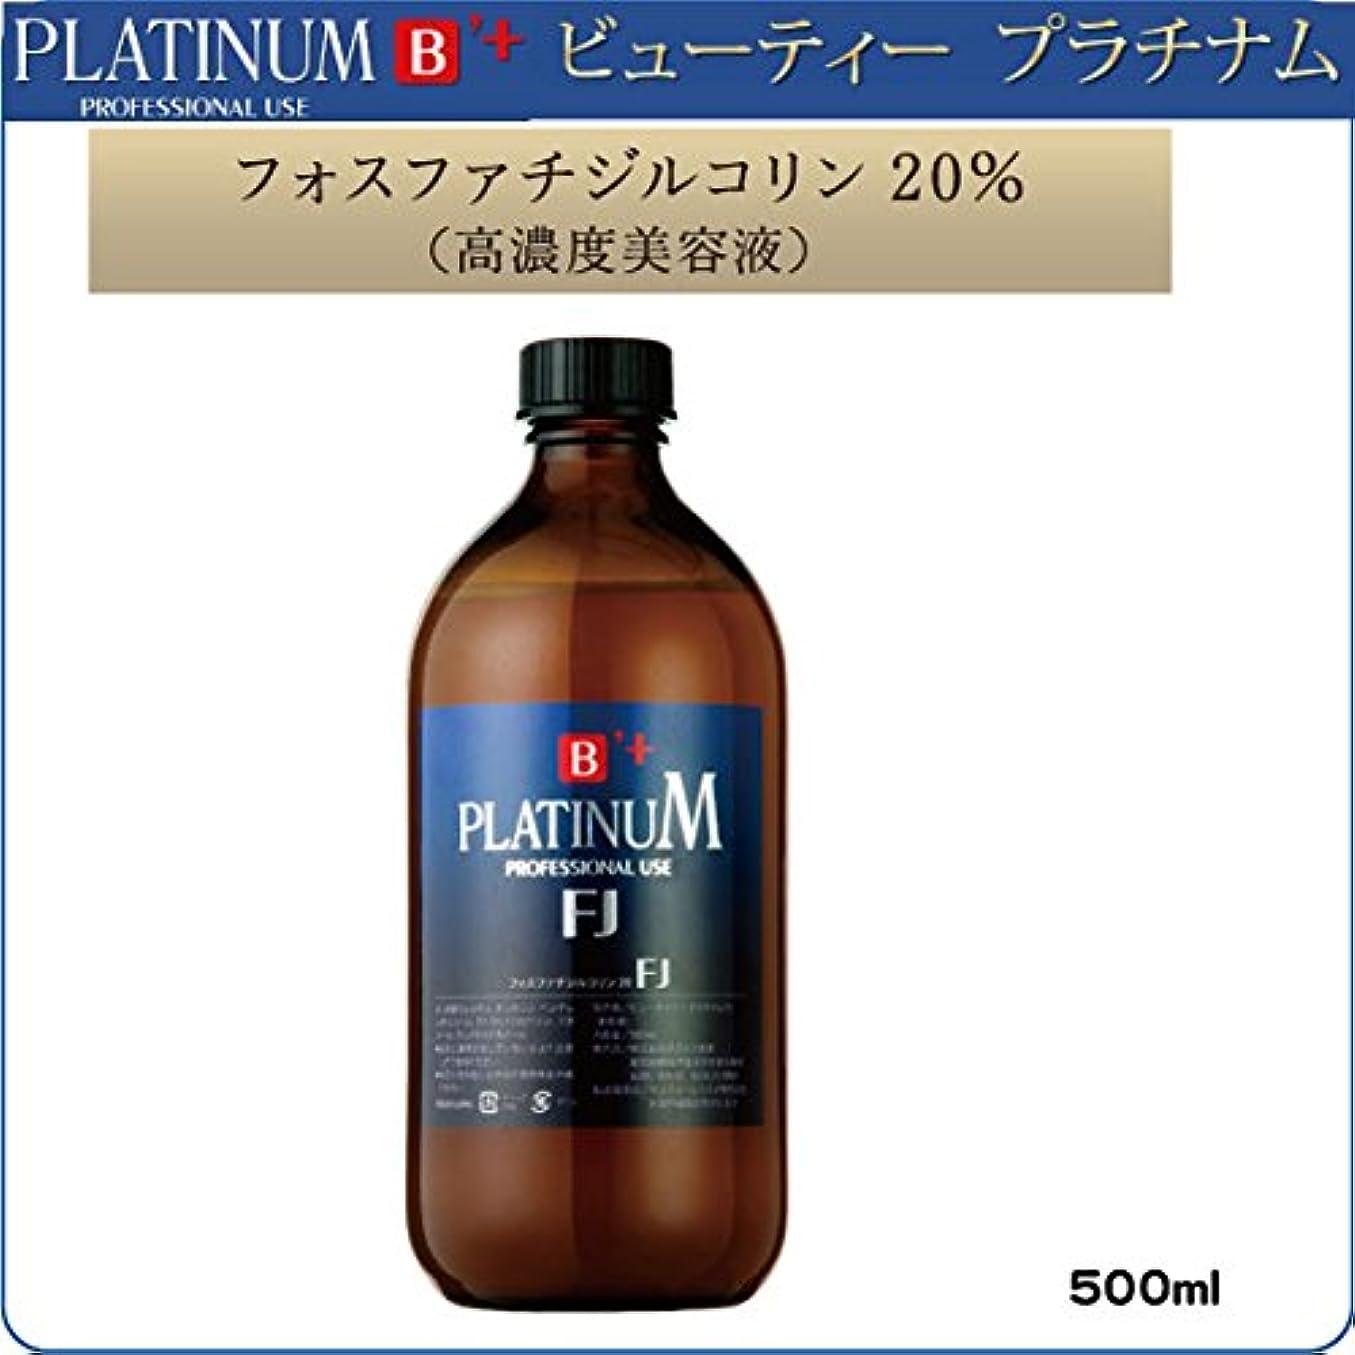 けん引避けられないのど【ビューティー プラチナム】 PLATINUM B'+  フォスファチジルコリン20%高濃度美容液  痩身専用:500ml